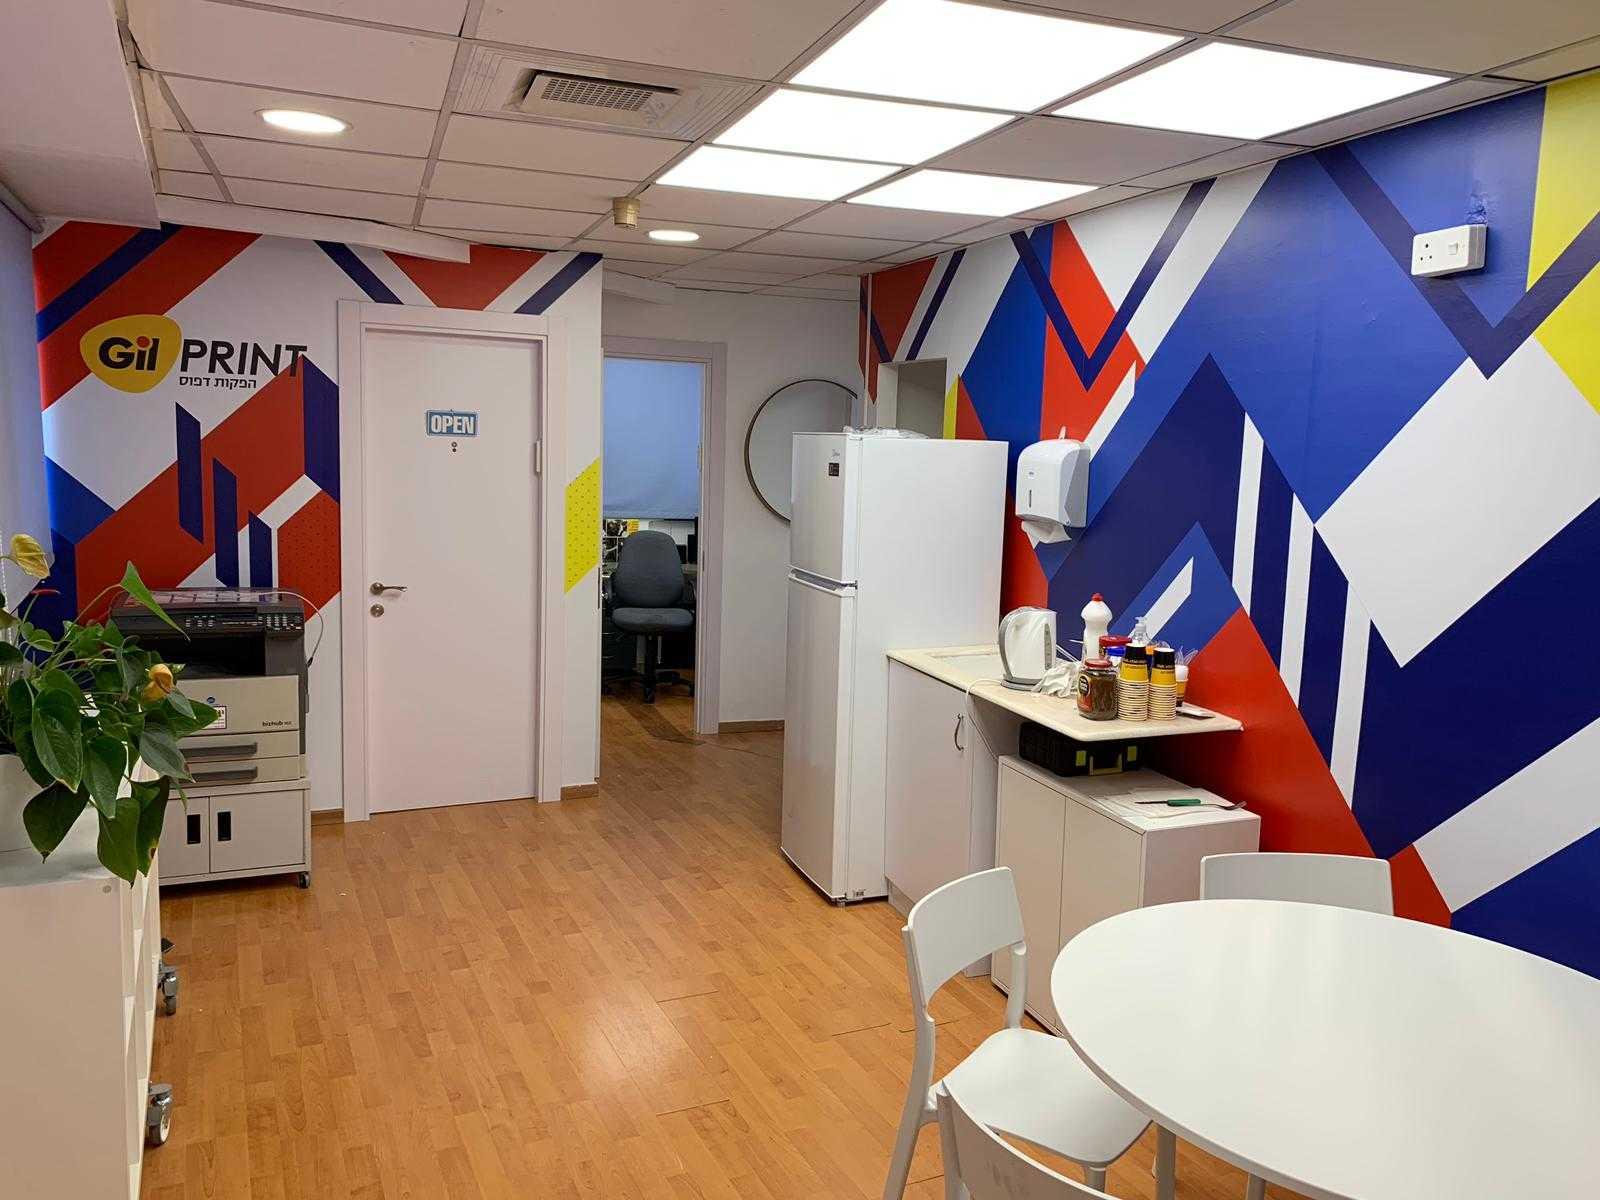 עולים קומה ומתרחבים: קומה שלישית למשרדי גיל גרופ 1